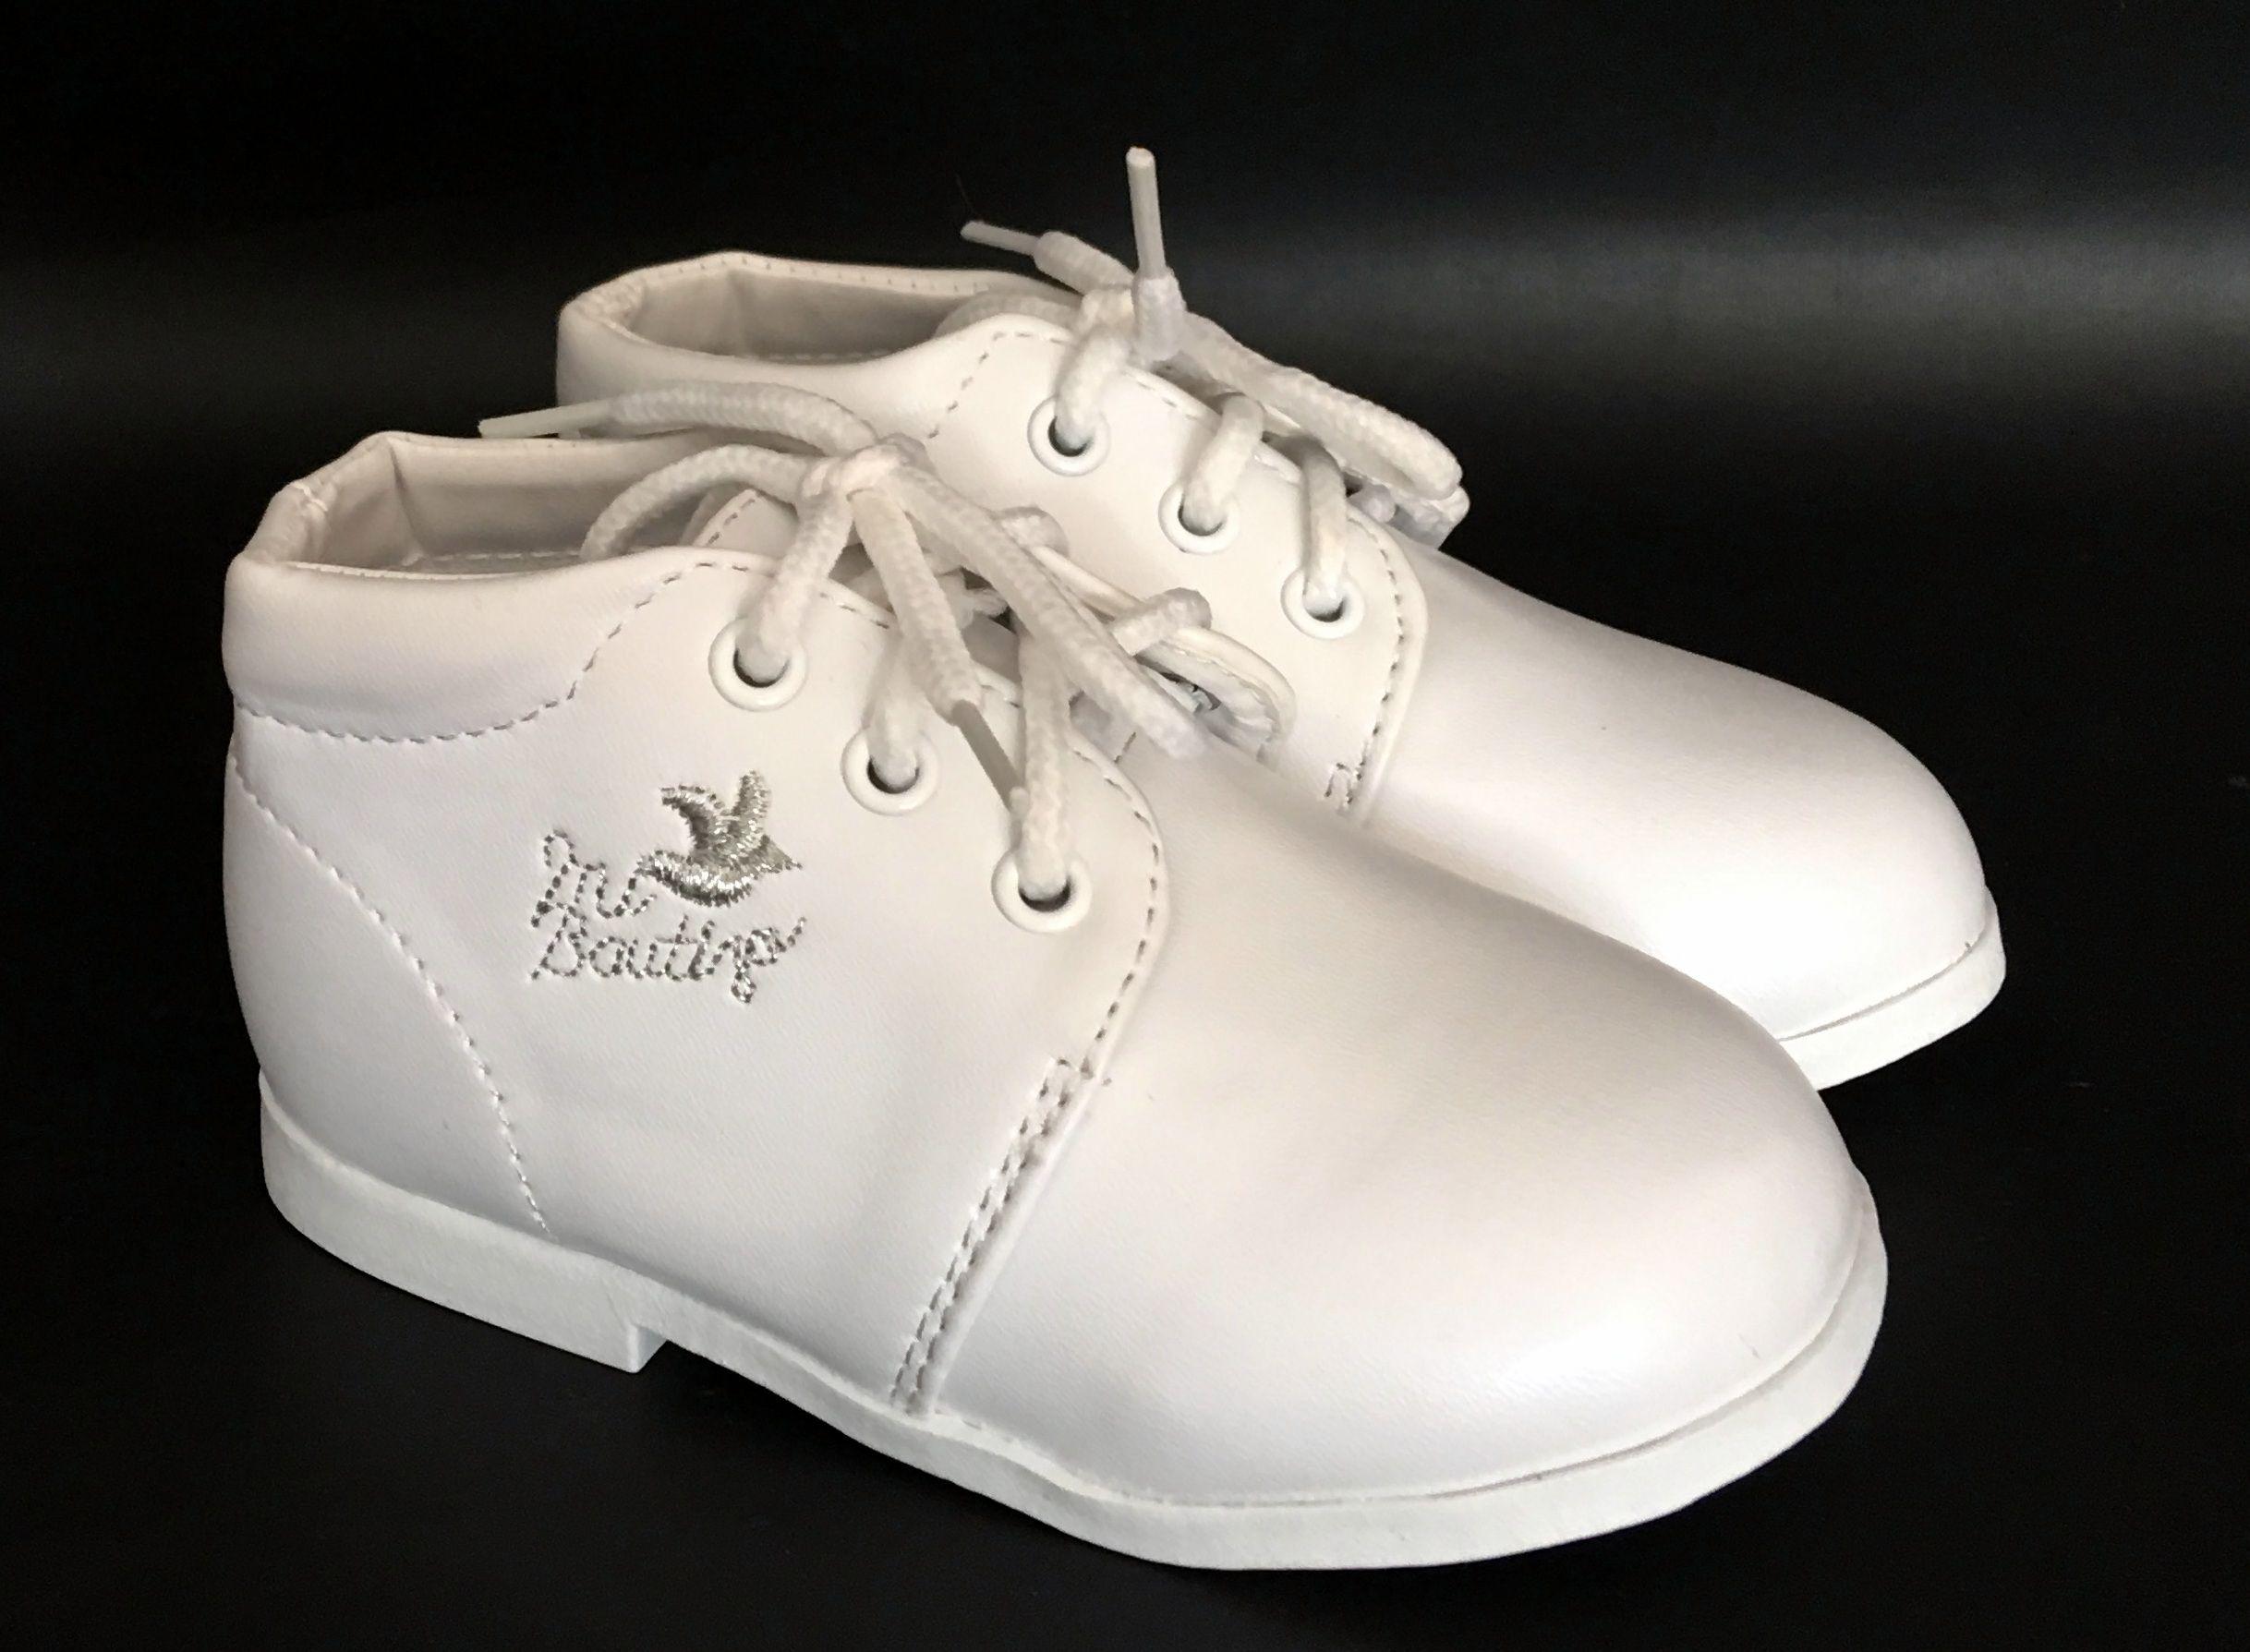 Kisfiú keresztelő cipő 8900.-Ft : Ezzüst szállal hímzett keresztelő cipő kisfiúknak kemény talpú